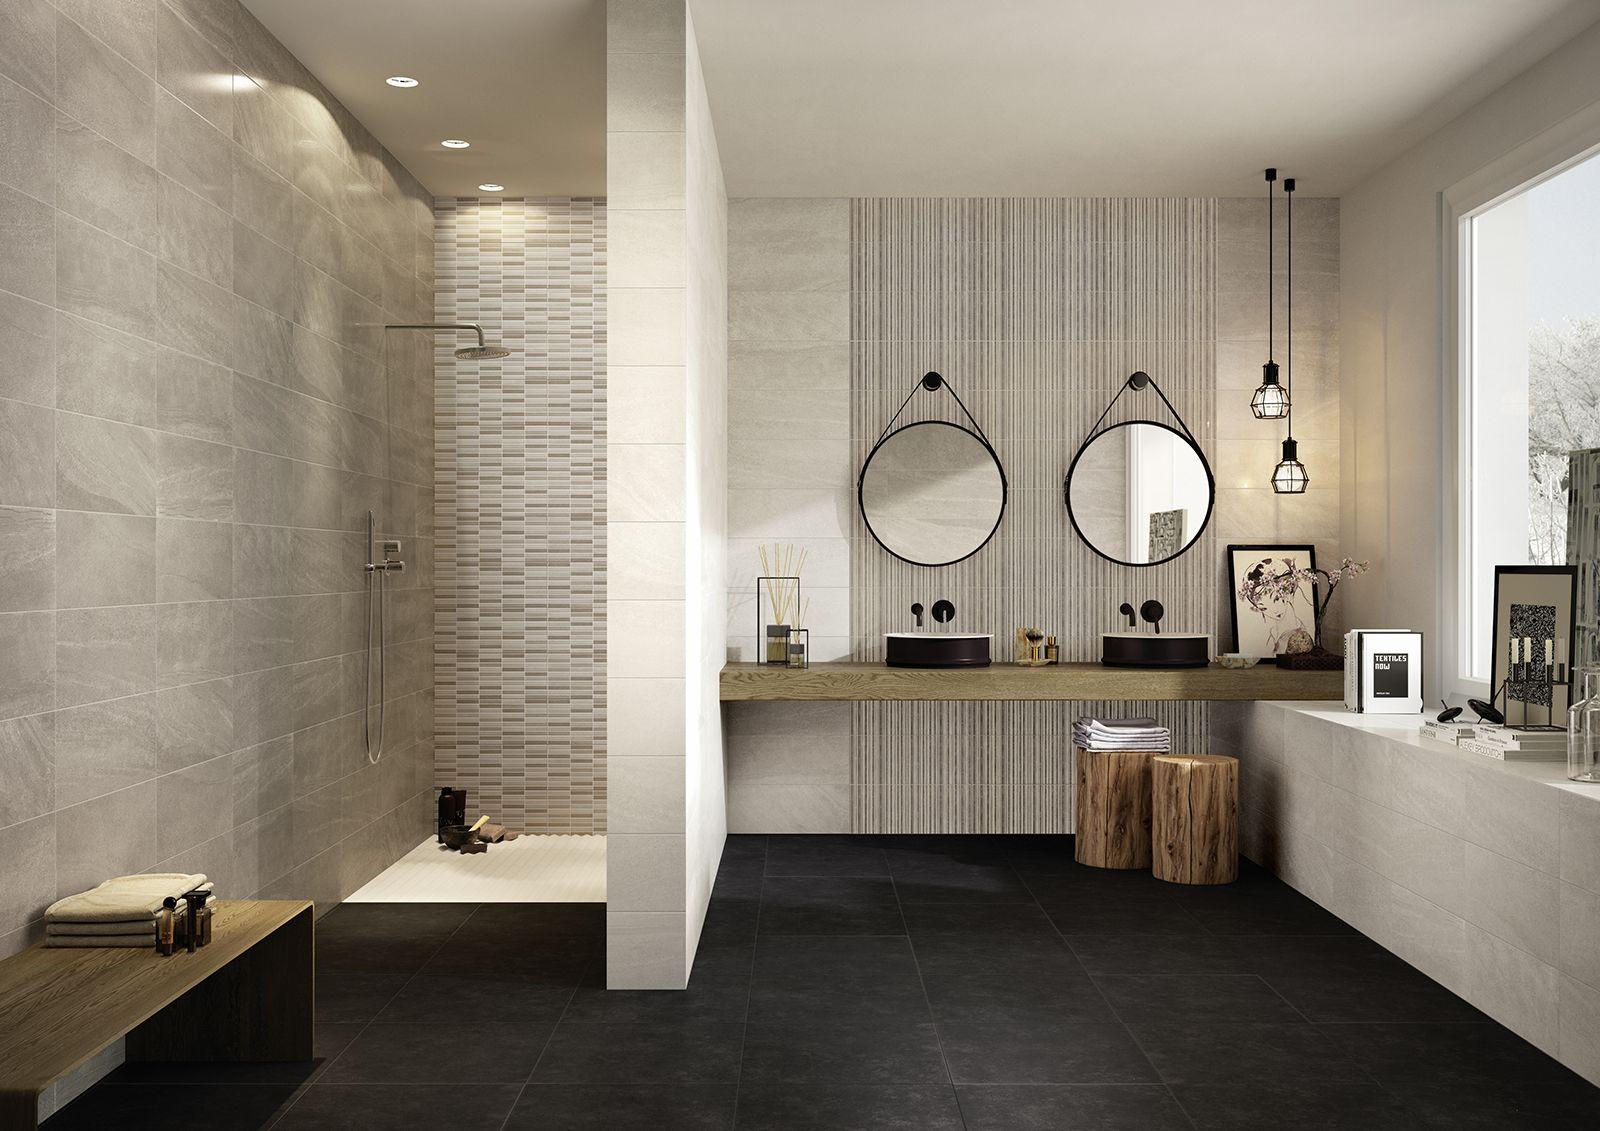 Interiors u ceramiche per il rivestimento cucina e bagno la